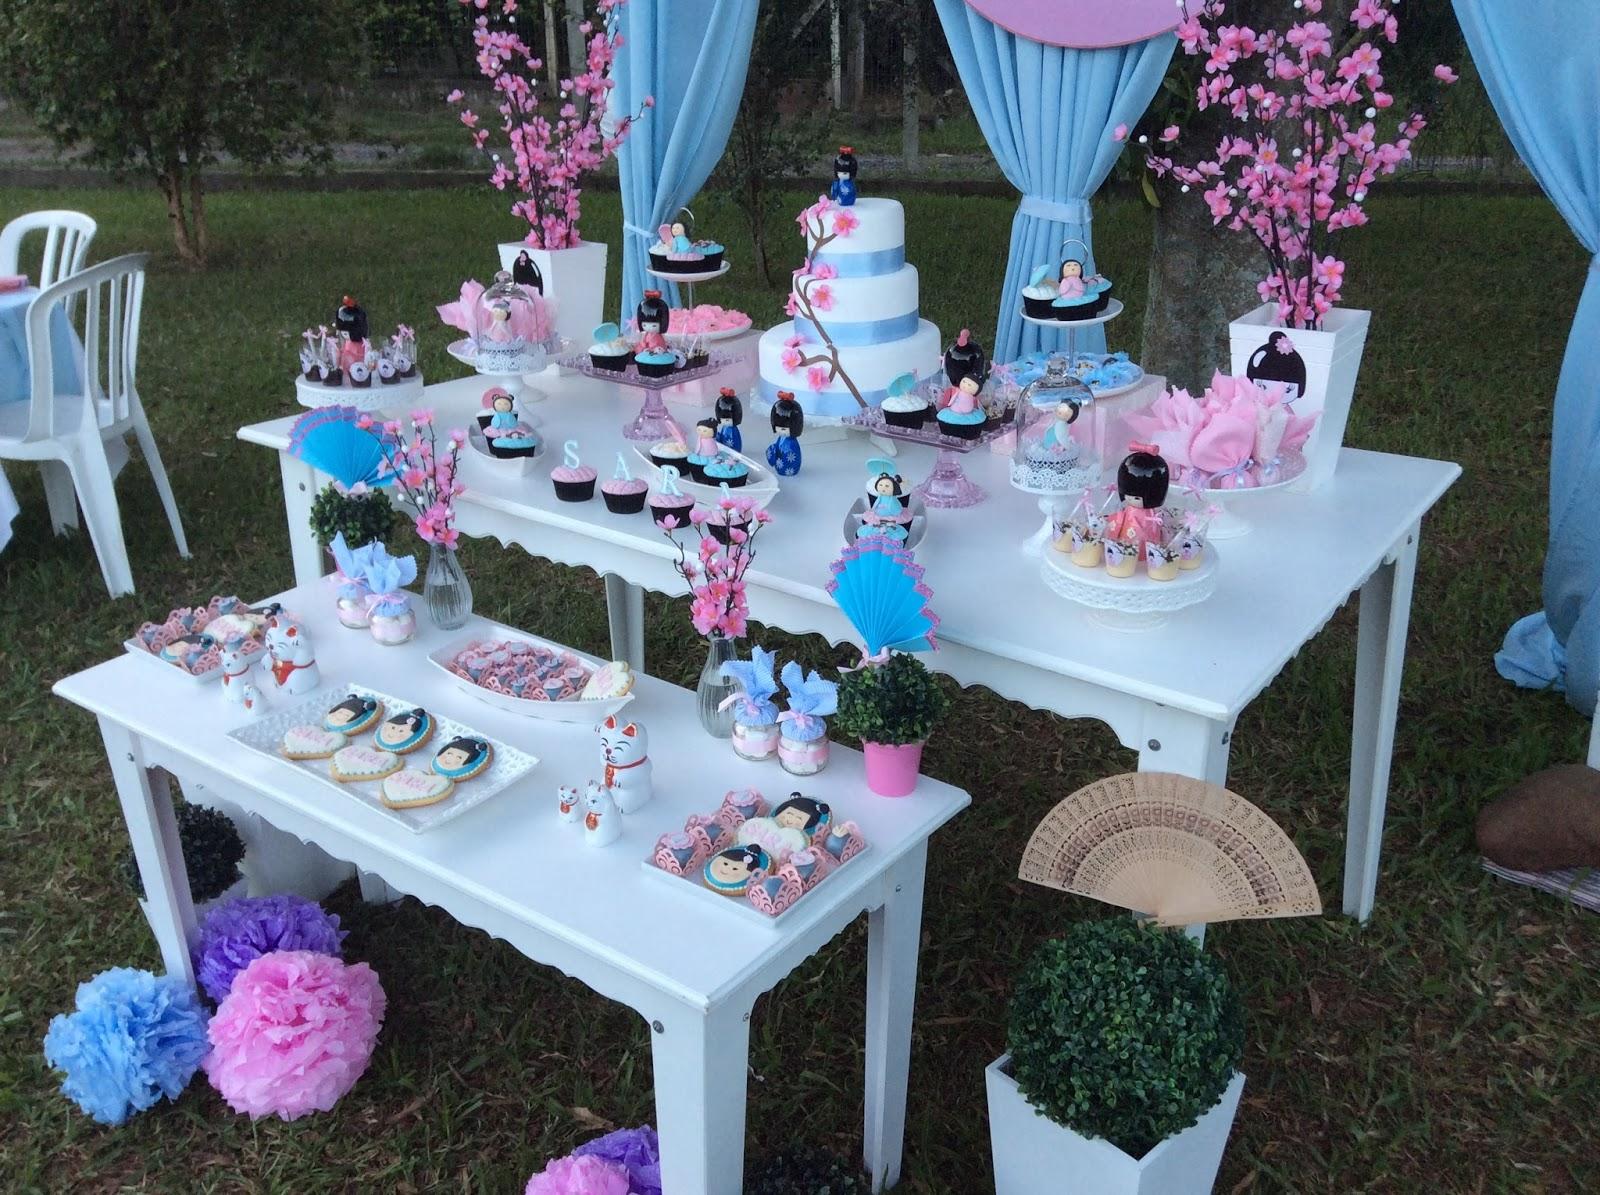 decoracao festa kokeshi:segunda-feira, 2 de março de 2015